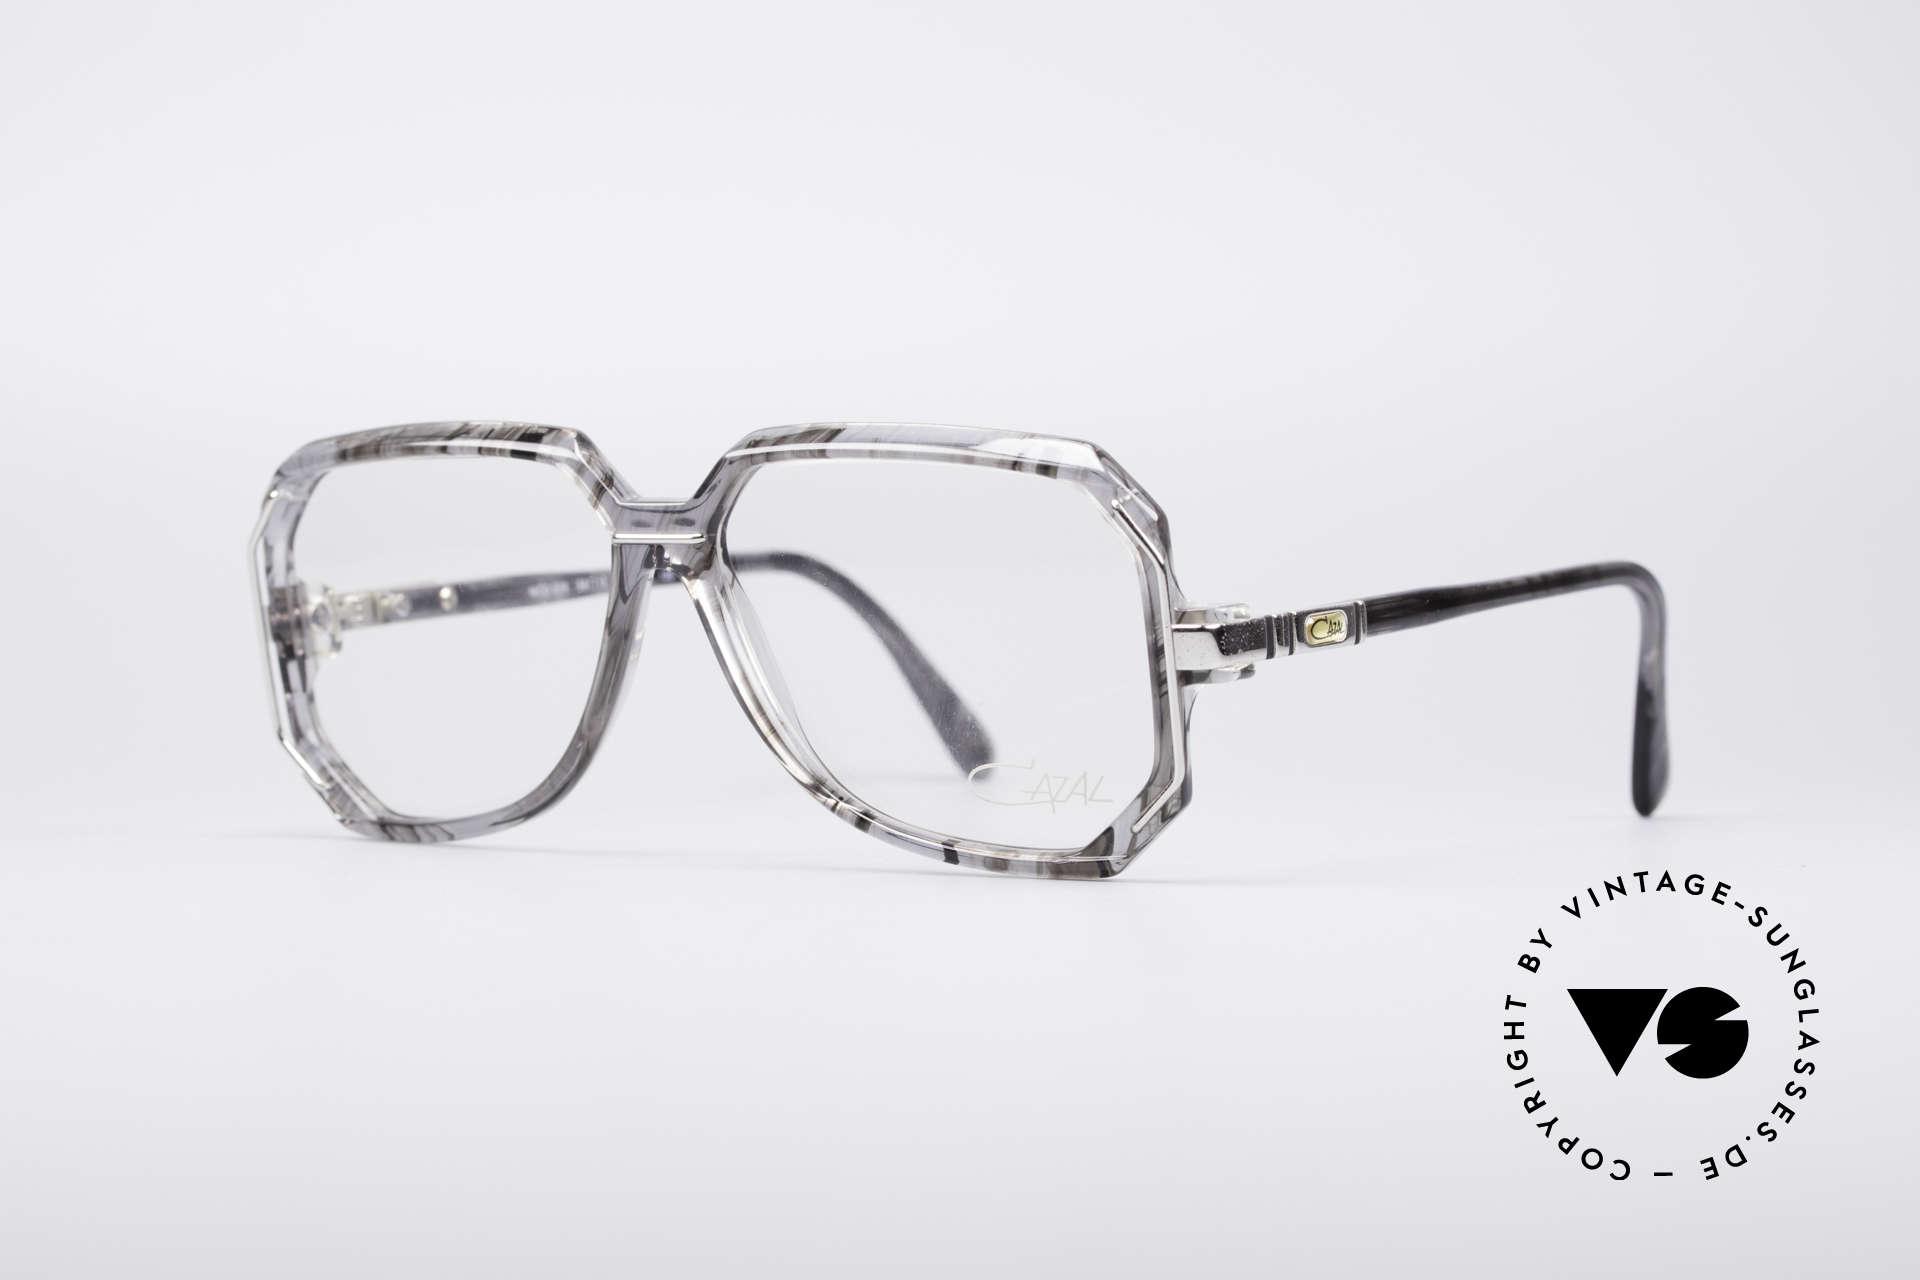 Cazal 639 Old School 80er Brille, grandiose Rahmengestaltung in Farbe und Form, Passend für Herren